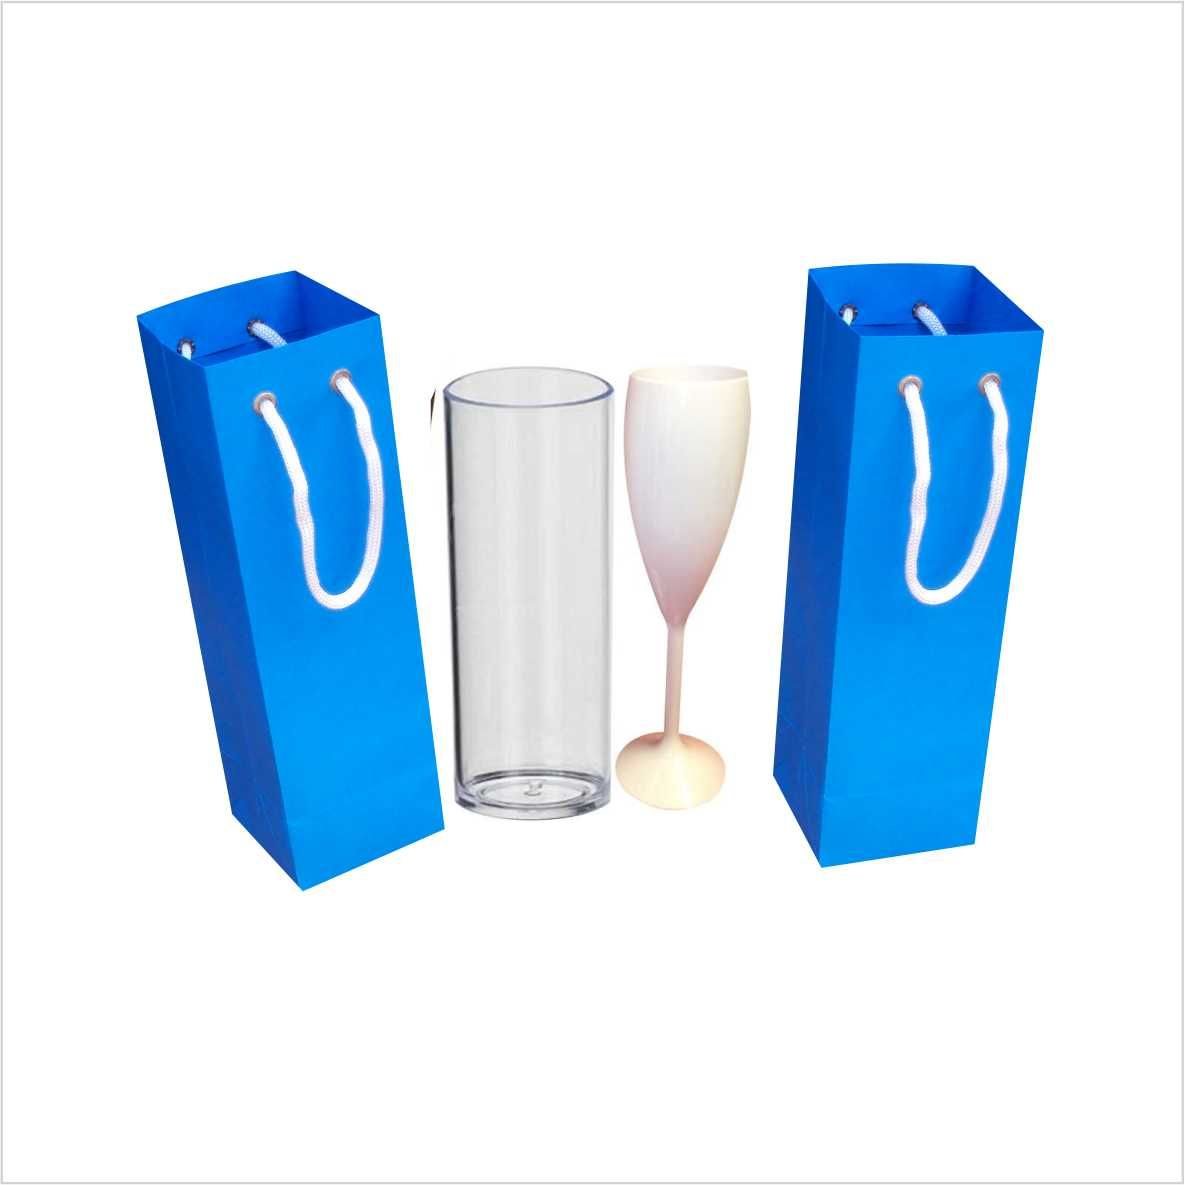 Sacola de papel cor azul turquesa para copo long drink ou taça - 10 unidades